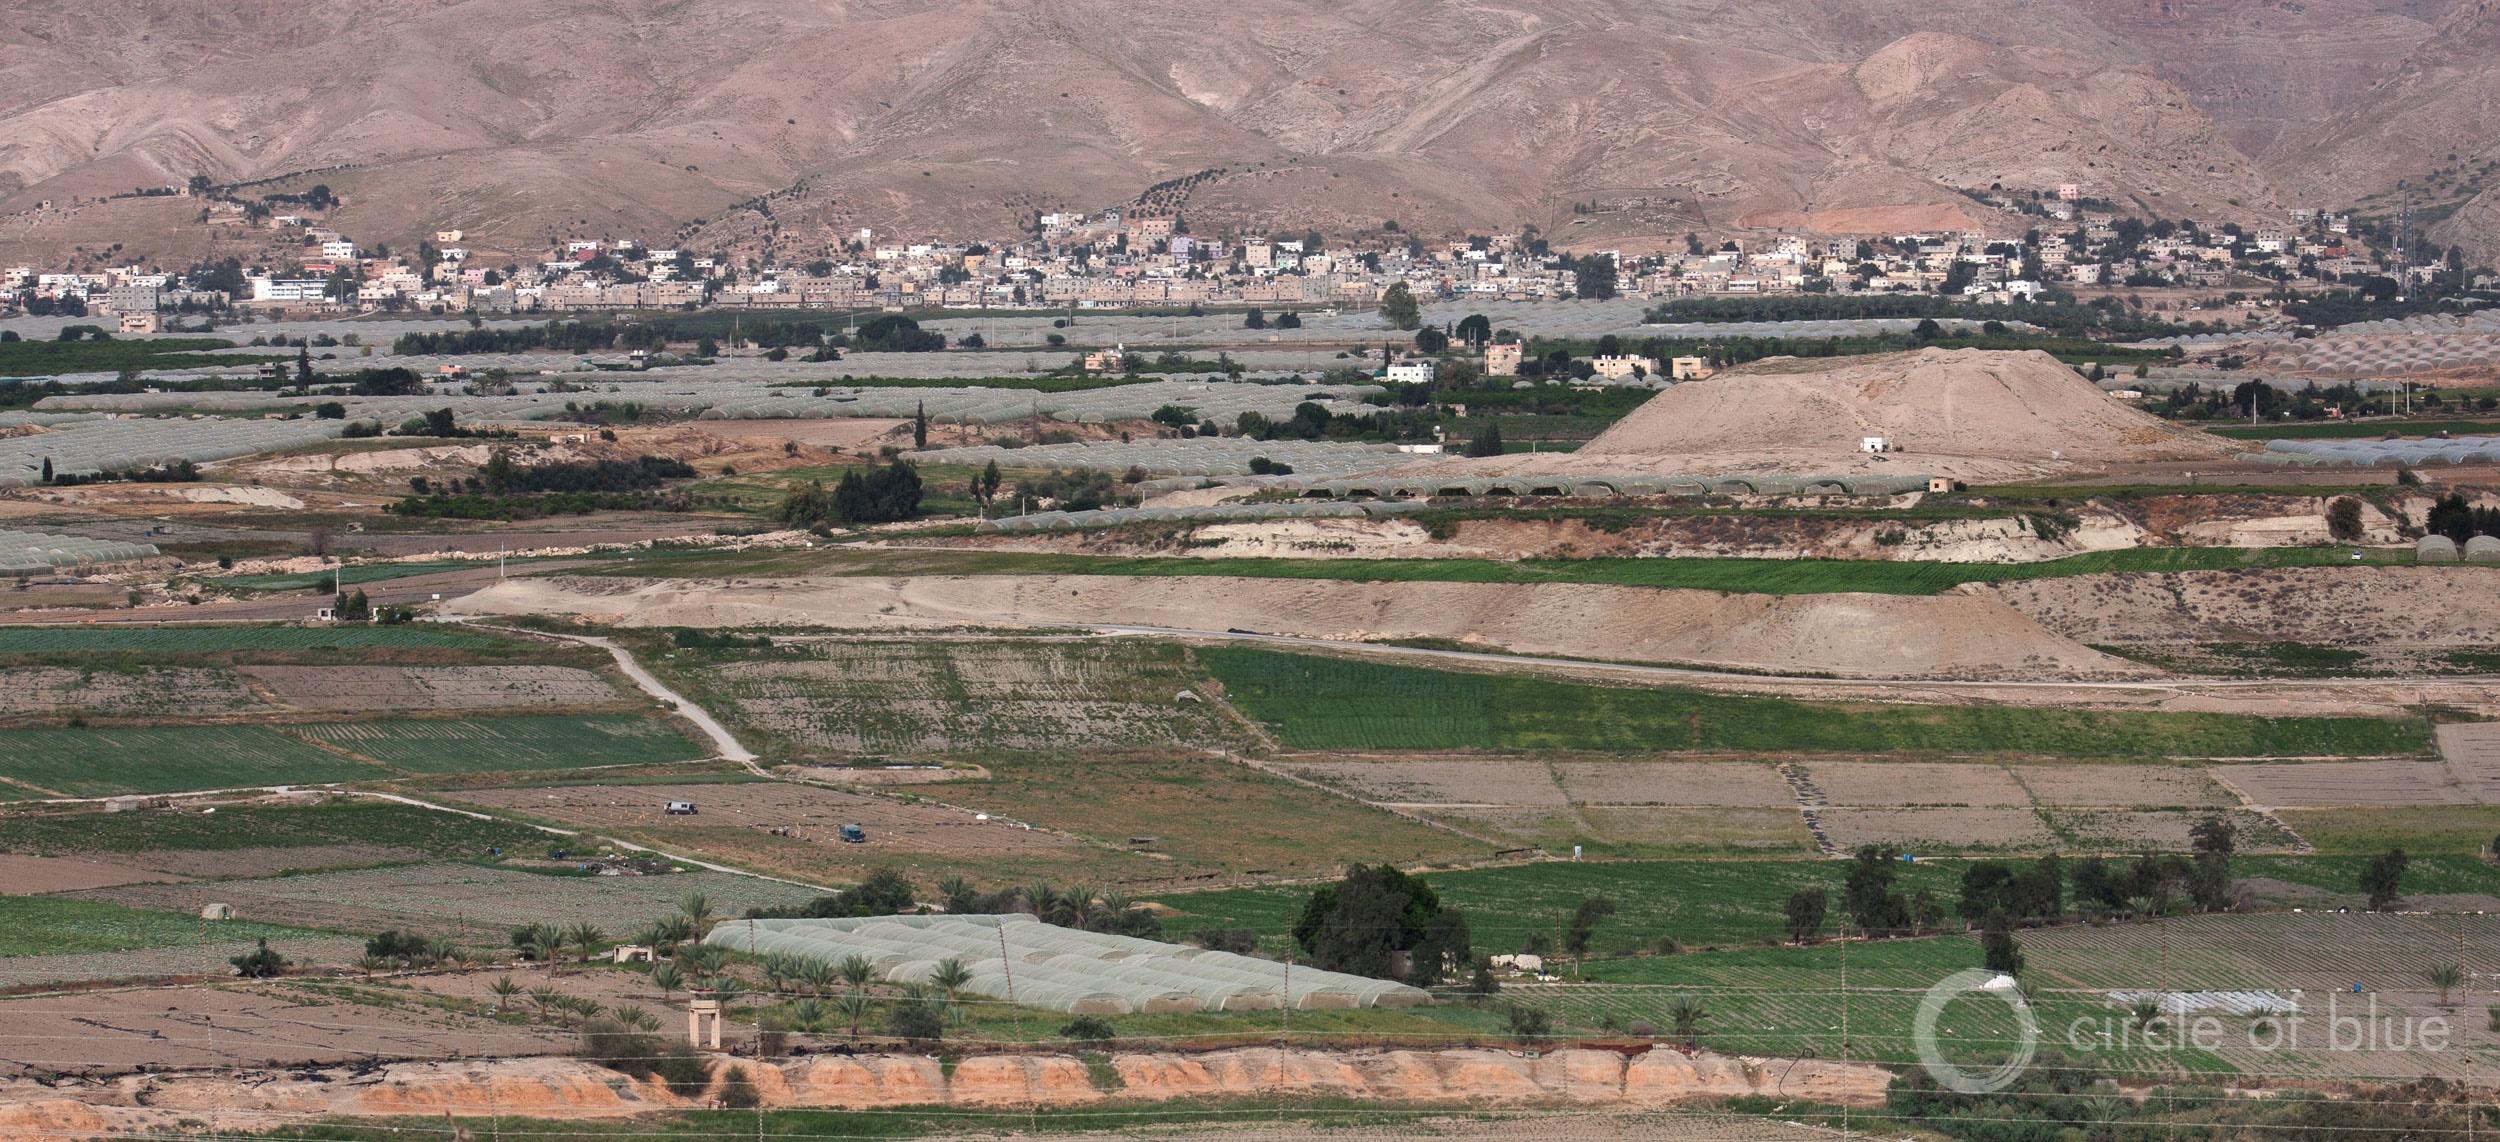 Farm fields spread across the lower Jordan River Valley. Photo © Brett Walton / Circle of Blue